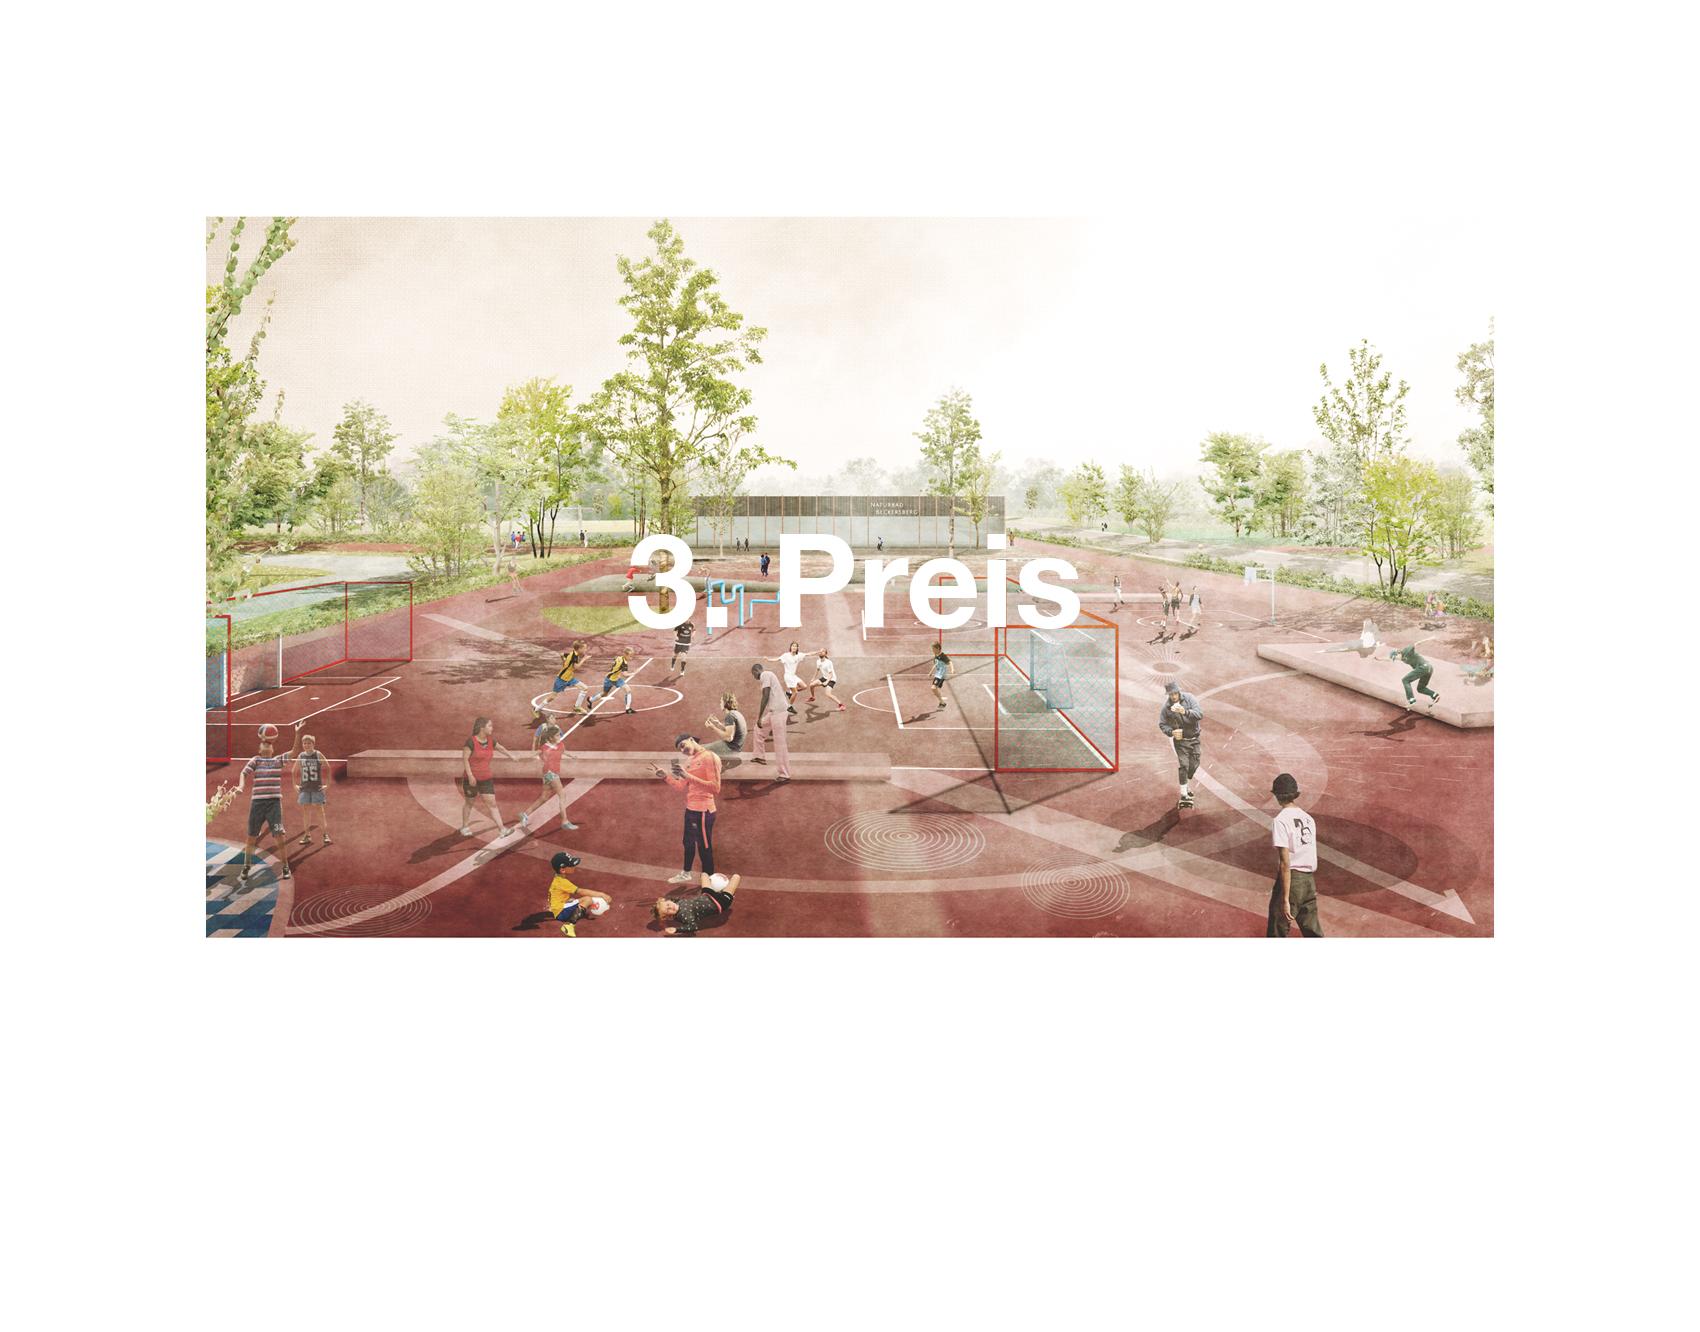 """09/2019<br>HERR & SCHNELL gewinnen in Zusammenarbeit mit Lysann Schmidt Landschaftsarchitektur einen 3. Preis<br> für den Masterplan Berckersberg in Henstedt-Ulzburg.<br><br><a href=""""/beckersberg"""">Projekt</a>"""